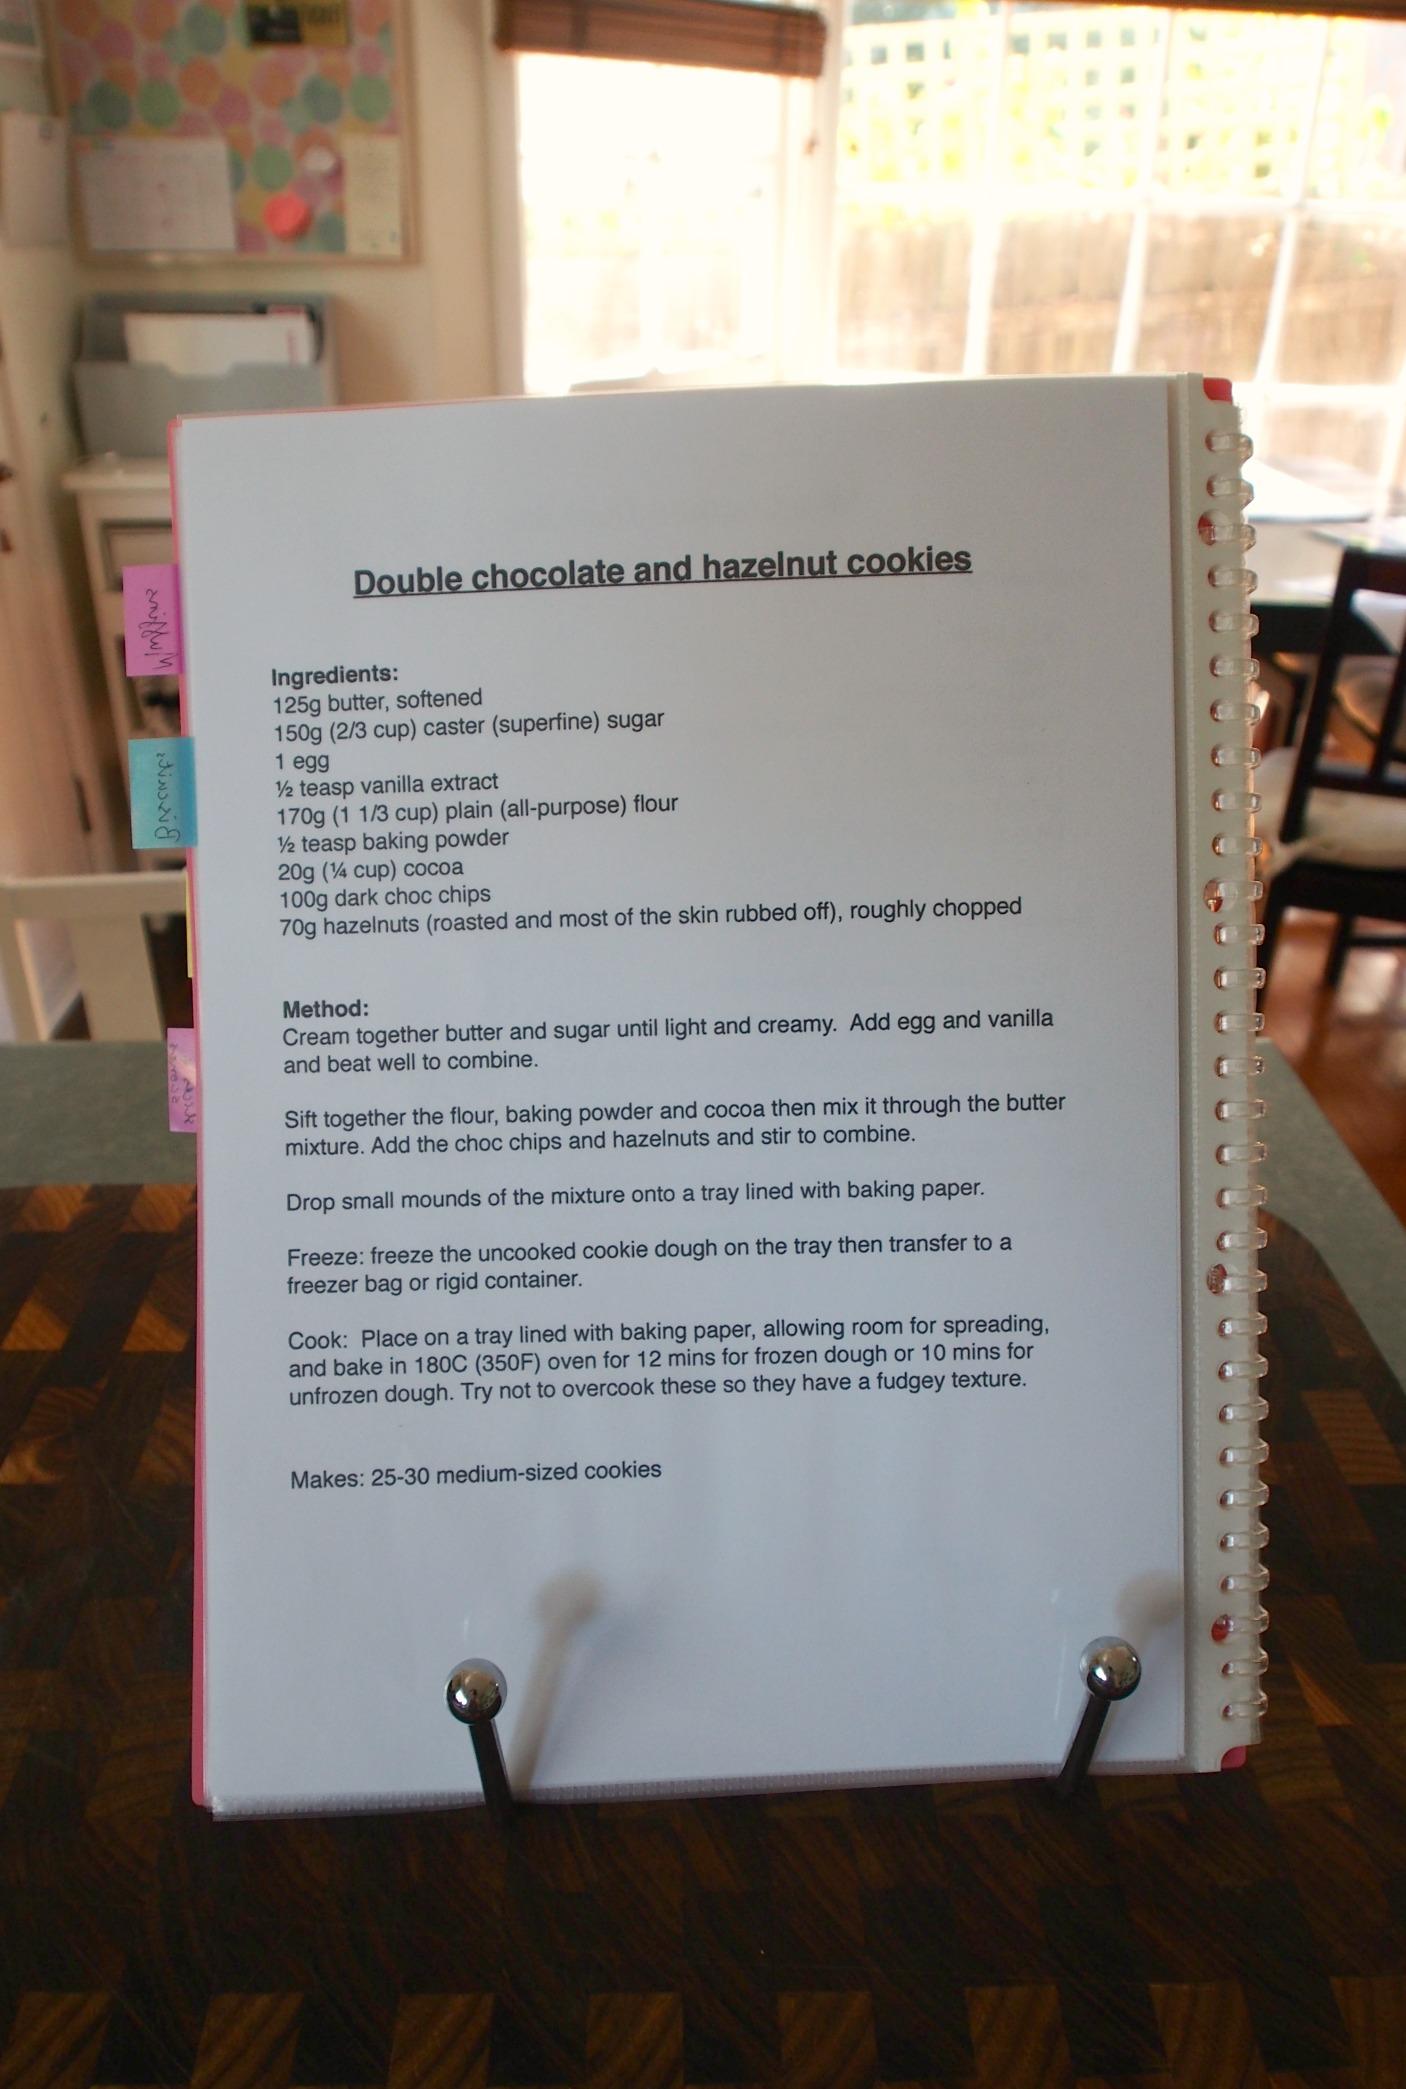 baking display folder